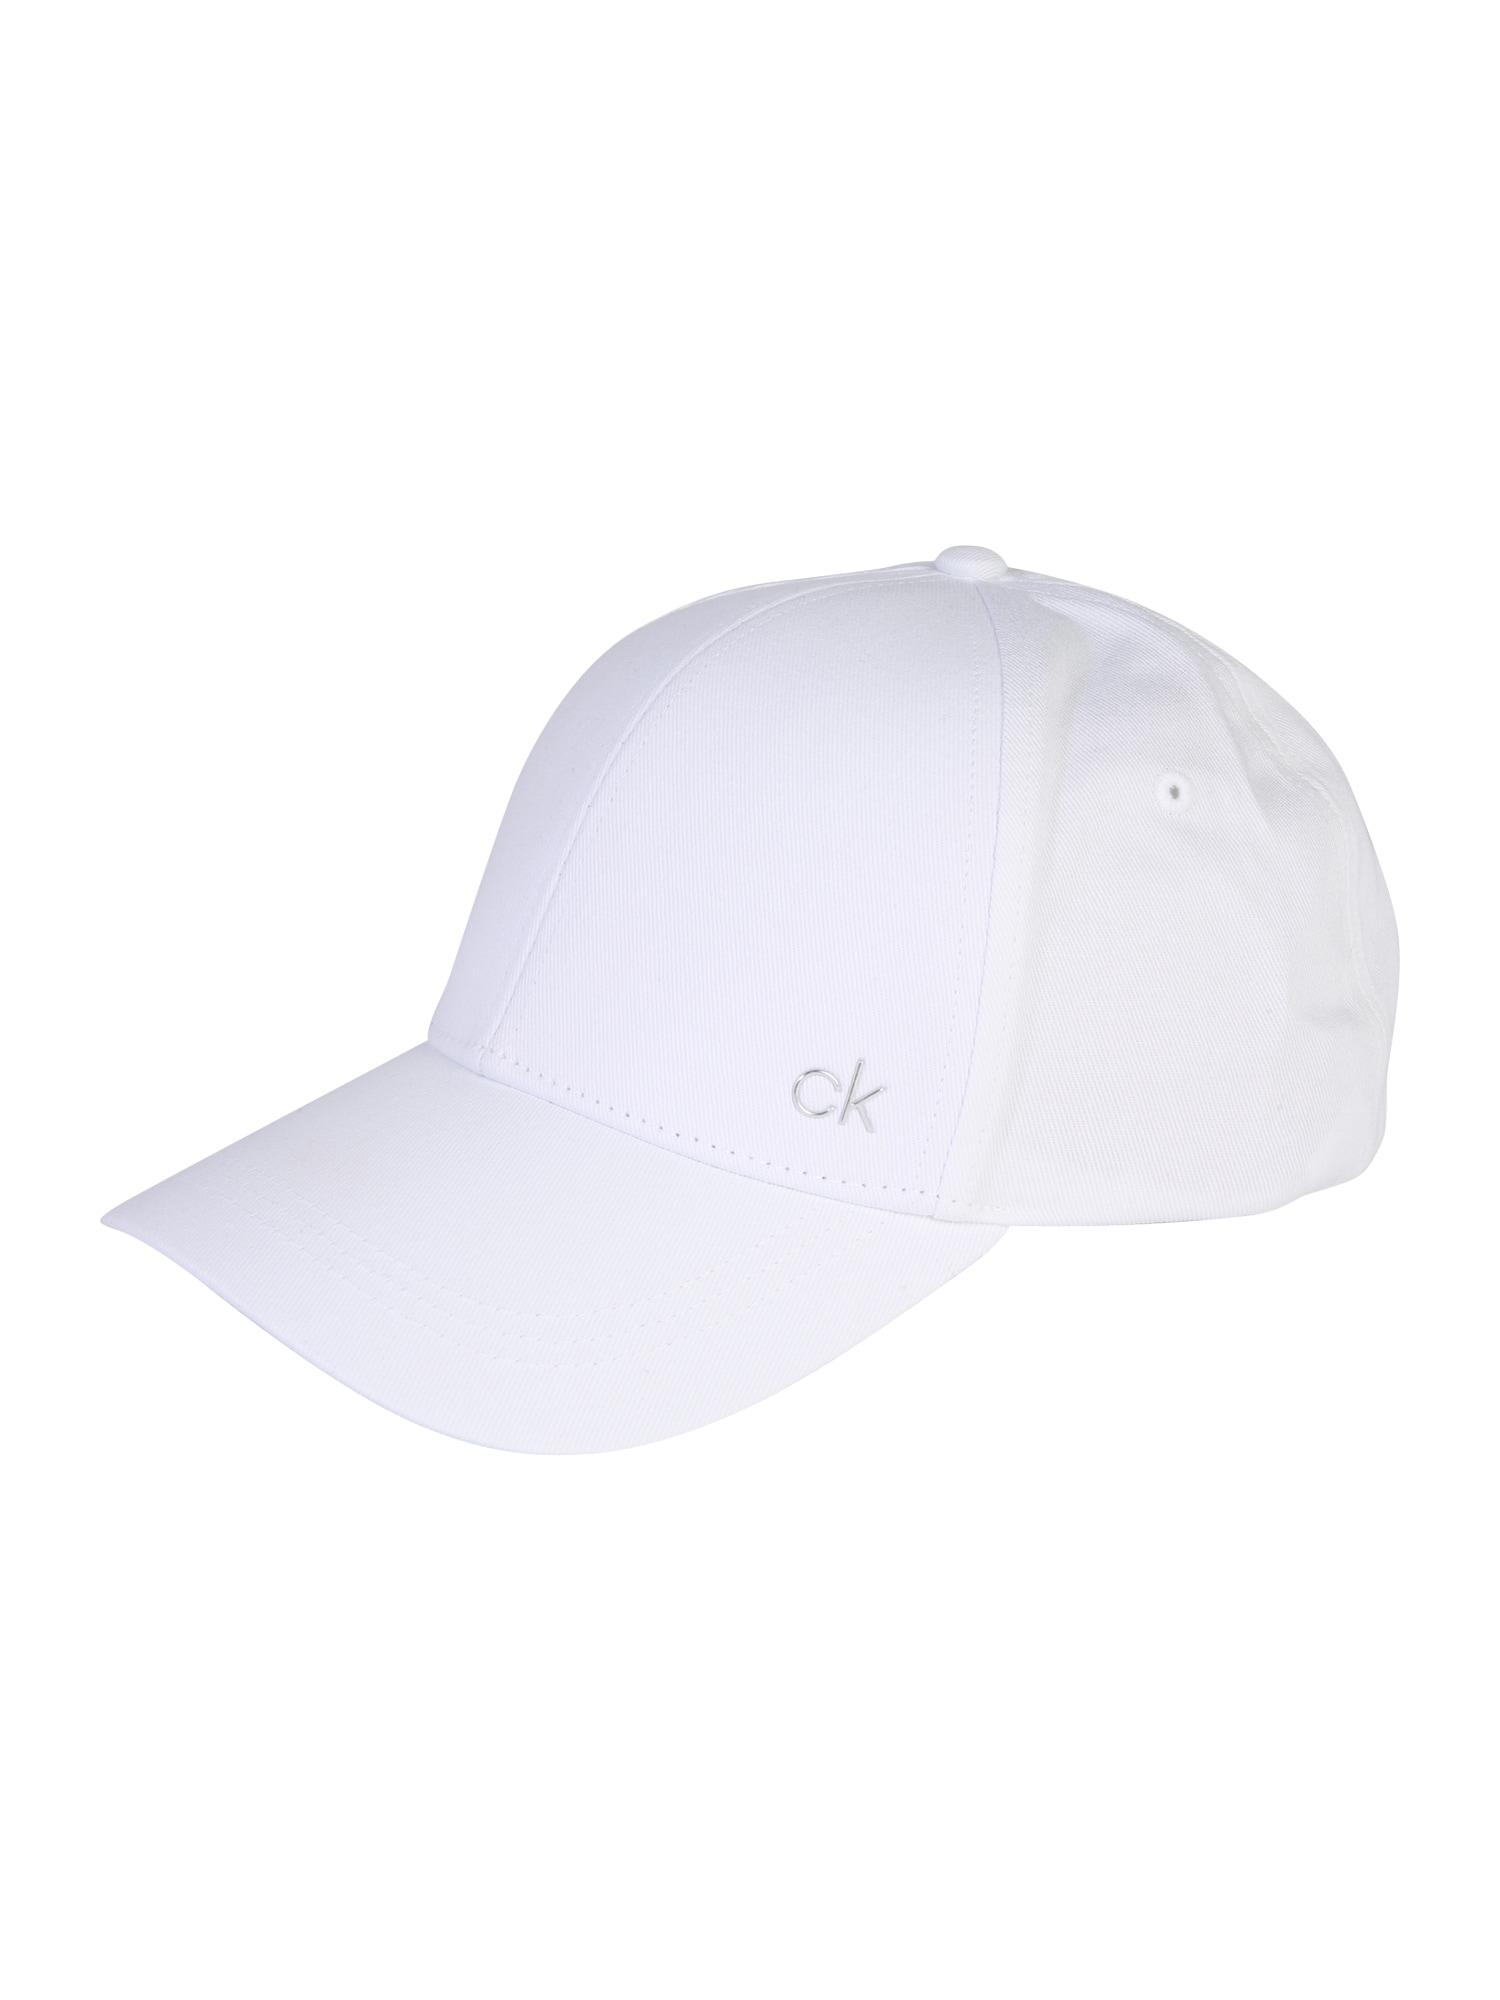 Kšiltovka CK METAL CAP bílá Calvin Klein